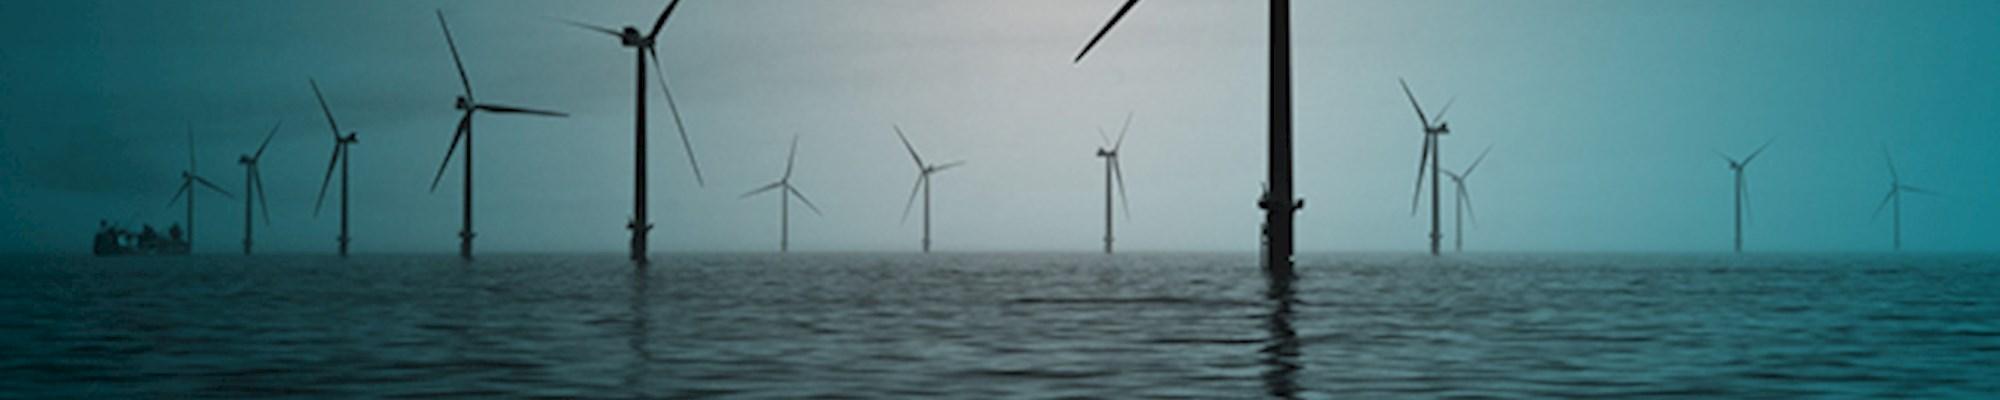 Renewable Energy Fans - Mace Group